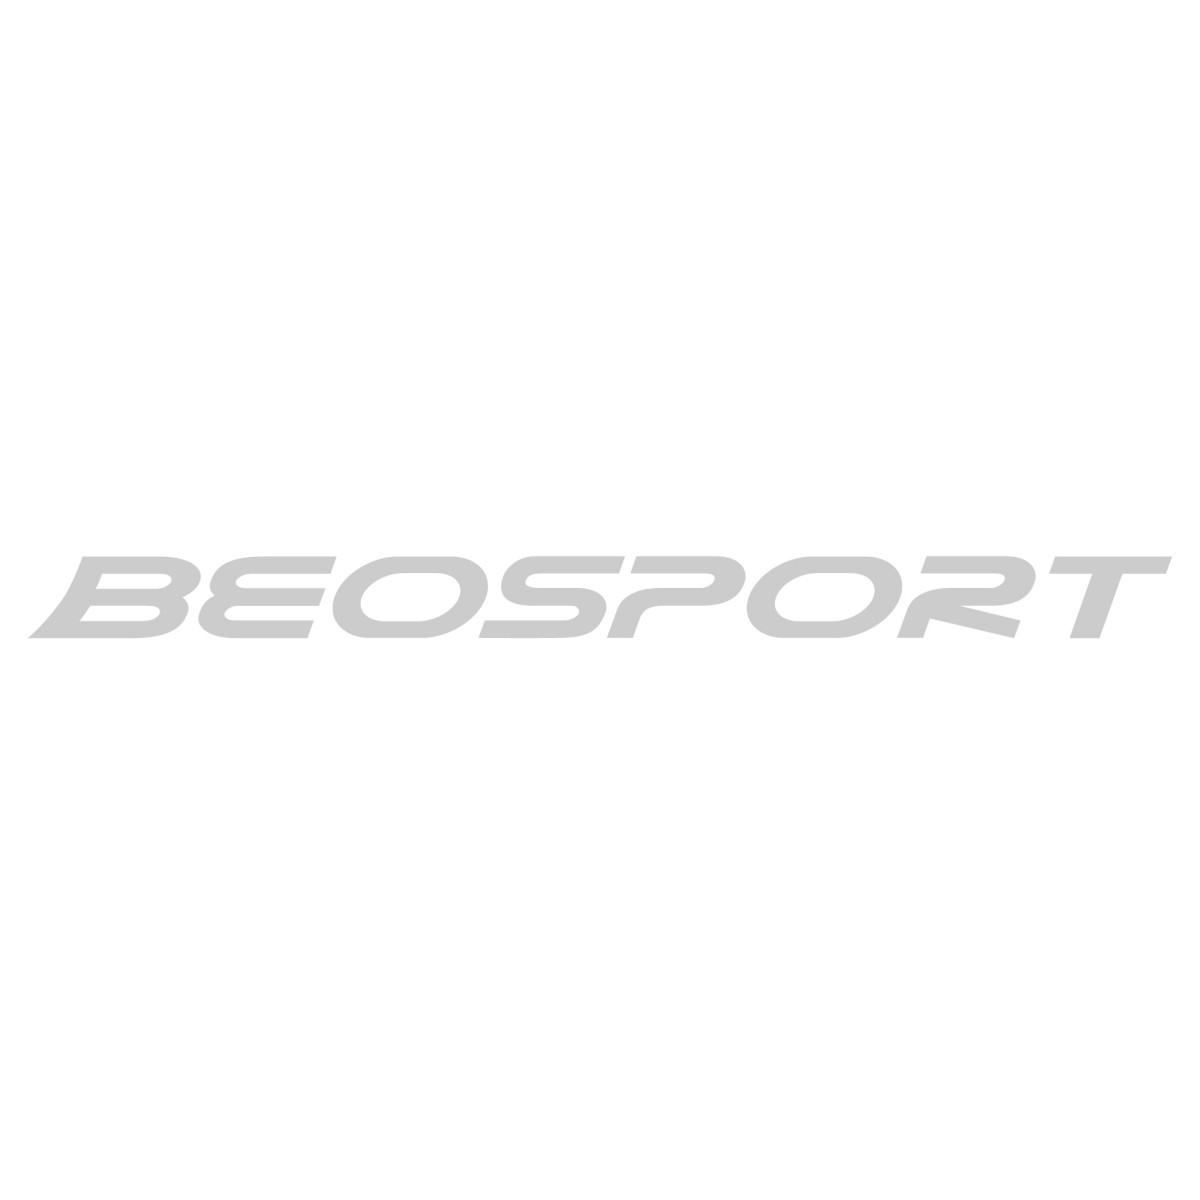 Skechers Equalizer - Persistent cipele